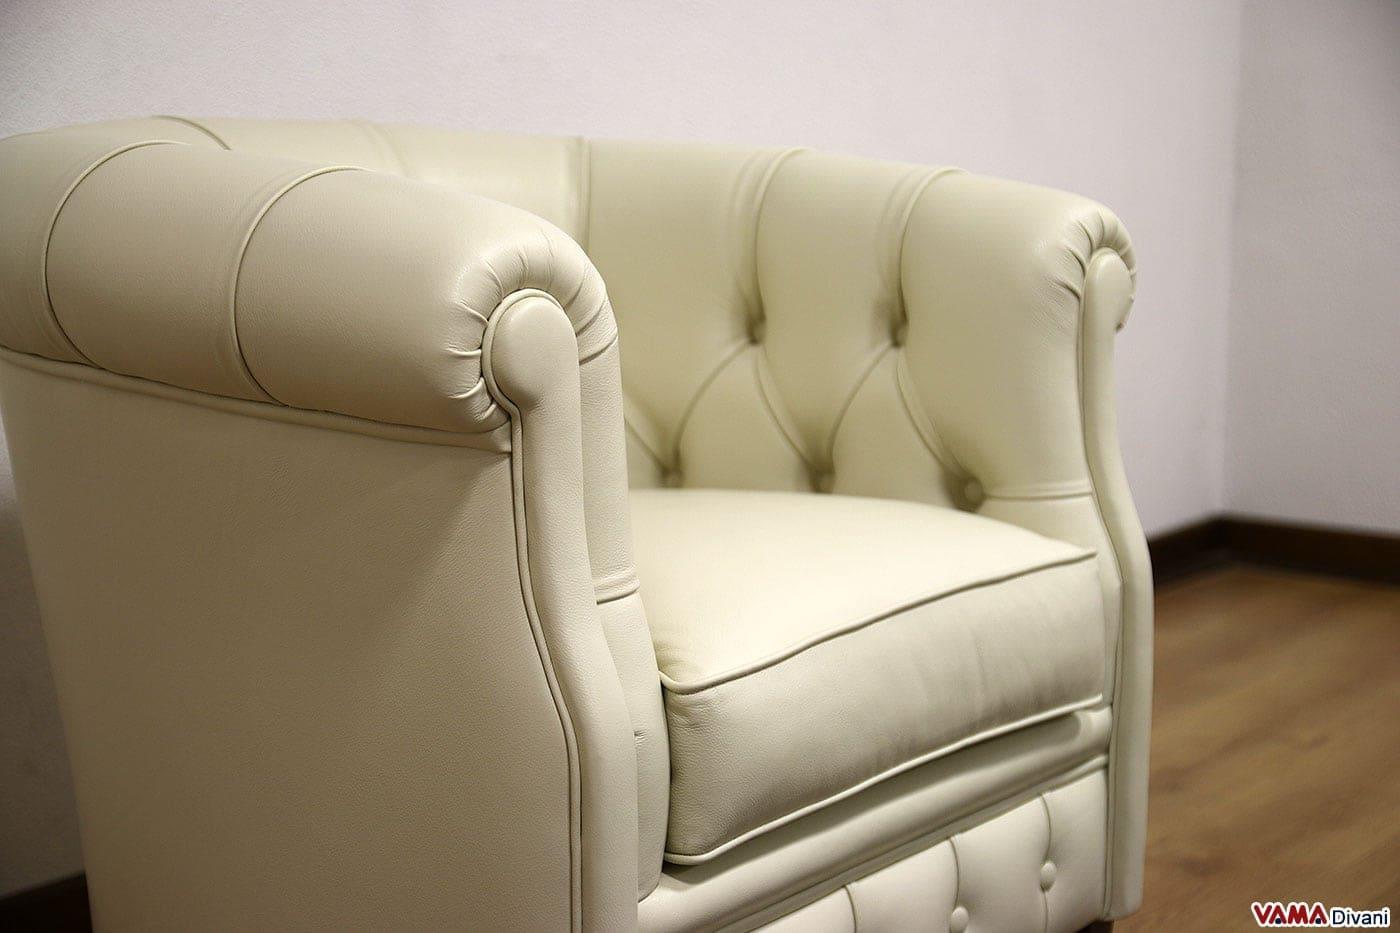 poltroncina per camera da letto classica, prezzi e misure - Pouf Per Camera Da Letto